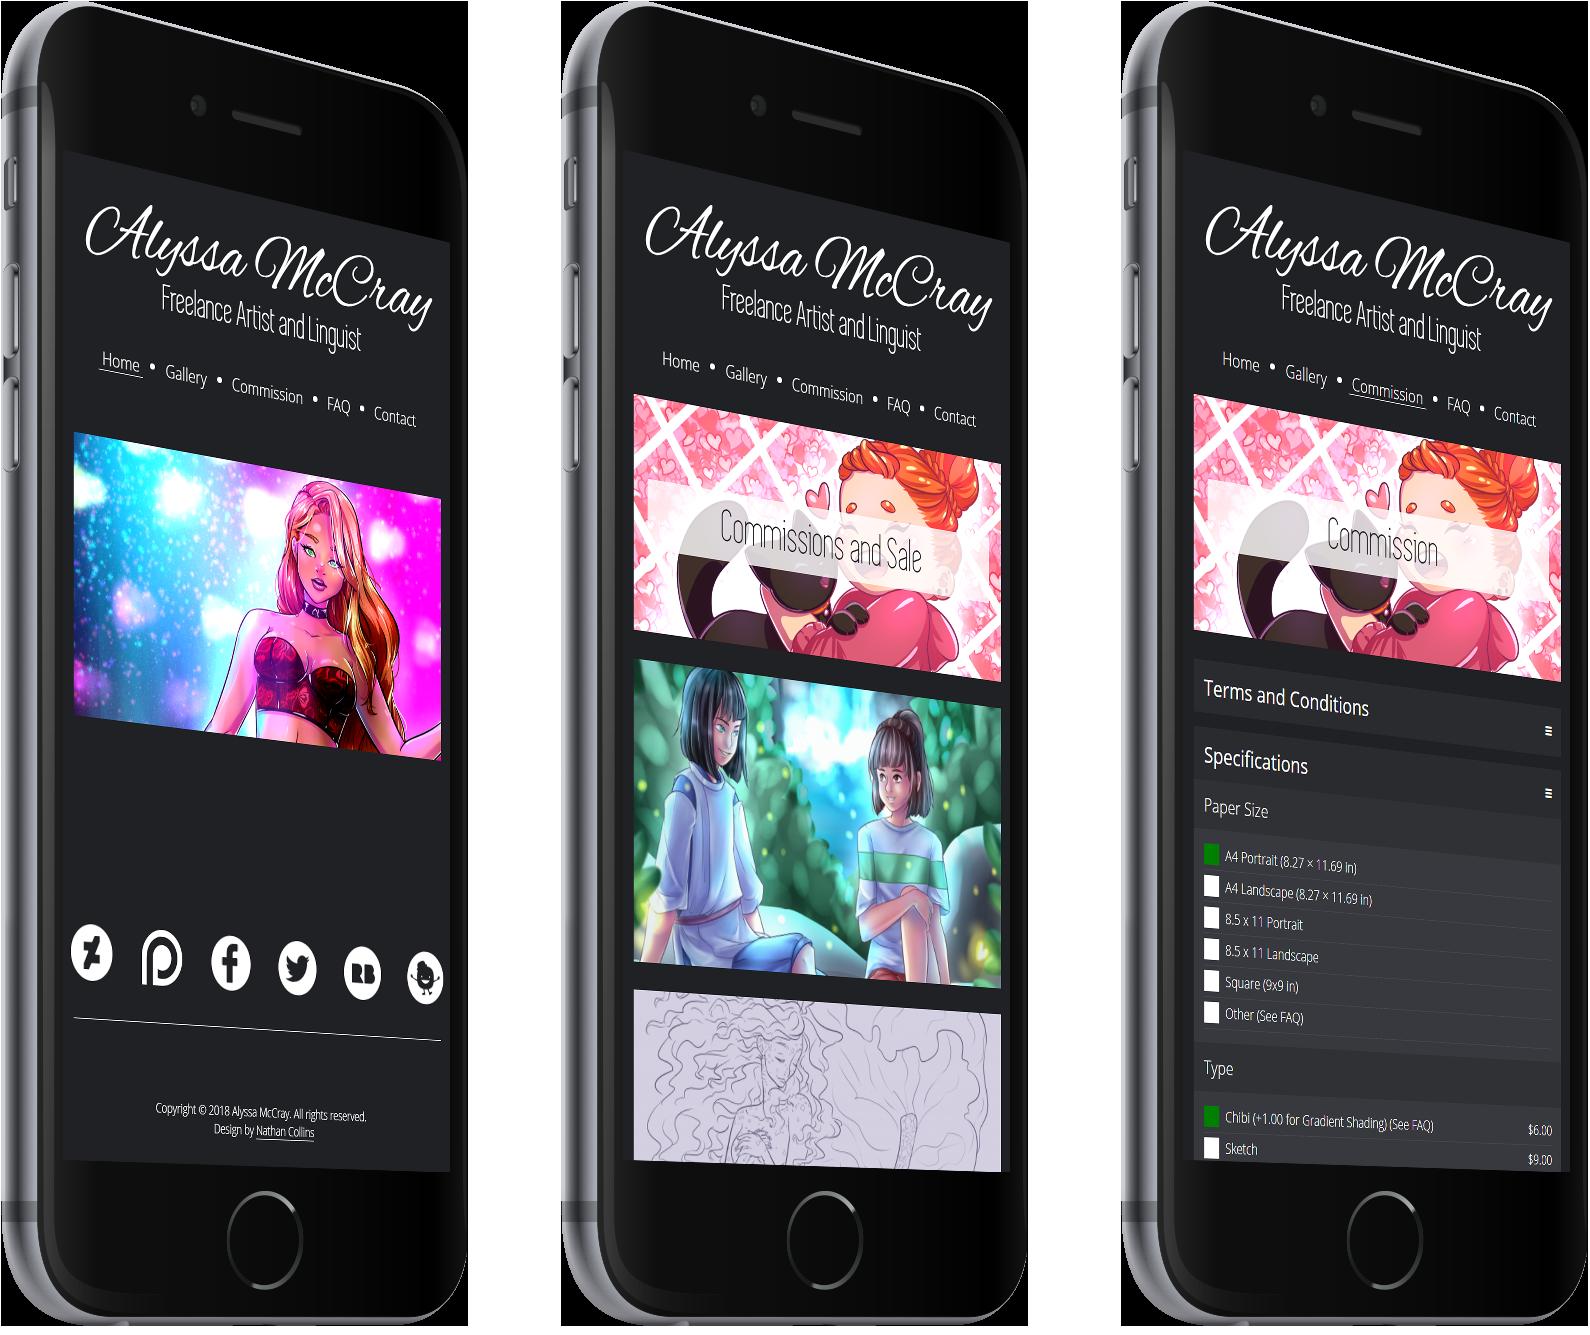 Alyssa Phone Design